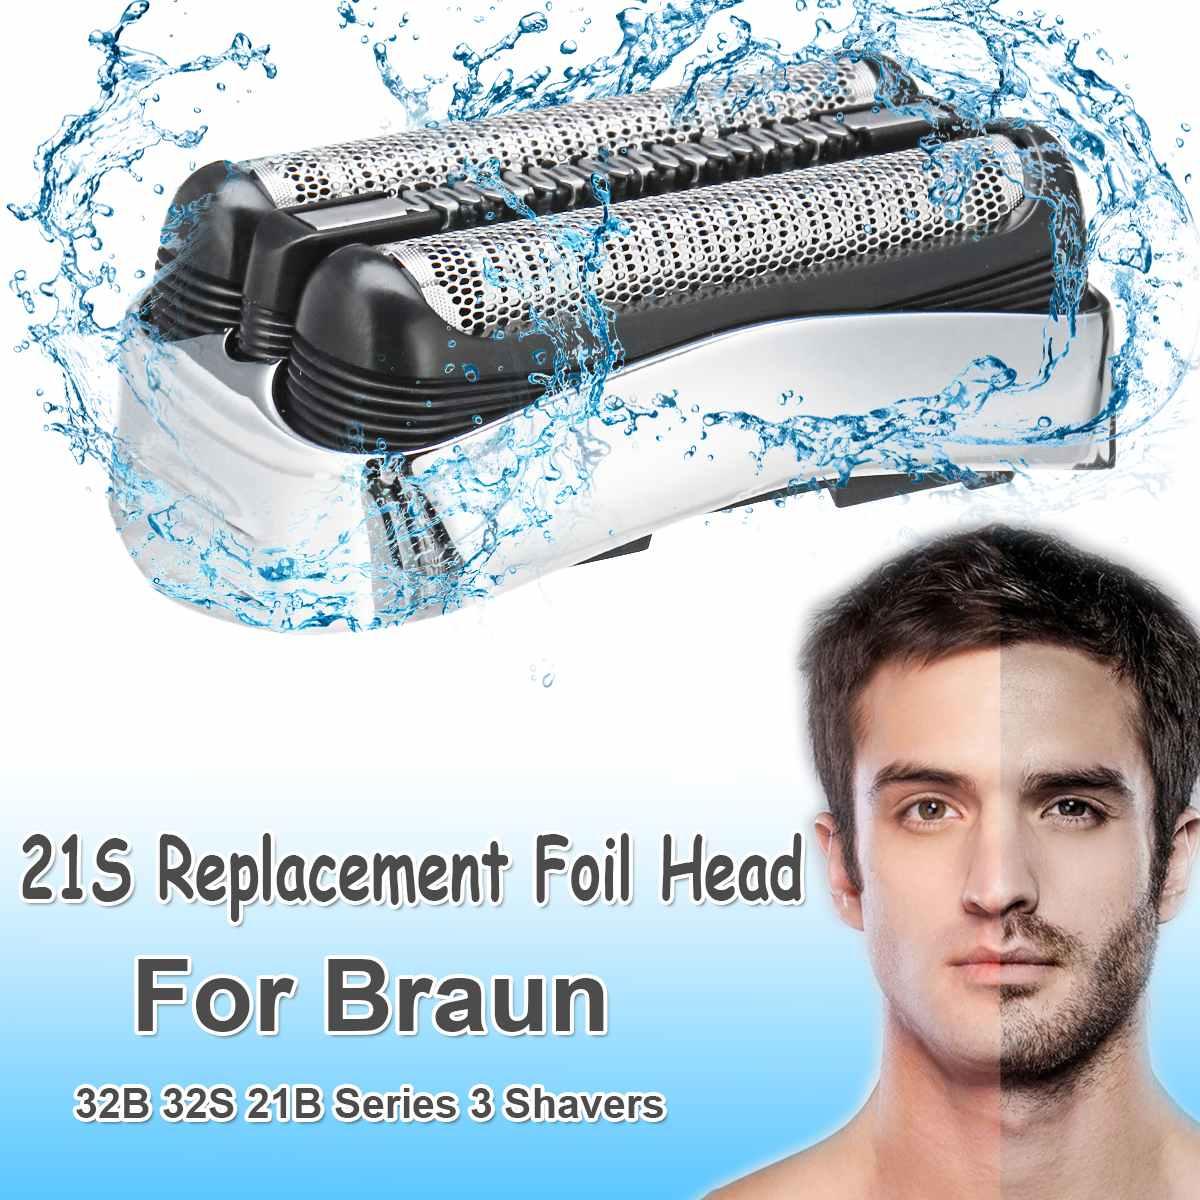 Замена лезвия бритвы Фольга головки для зубных щеток Braun 21B 32B 32S Series 3 310S 320S 340S 360S 3000S 3010S 3020S 3040 350CC 370CC 3050CC|Электробритвы|   | АлиЭкспресс